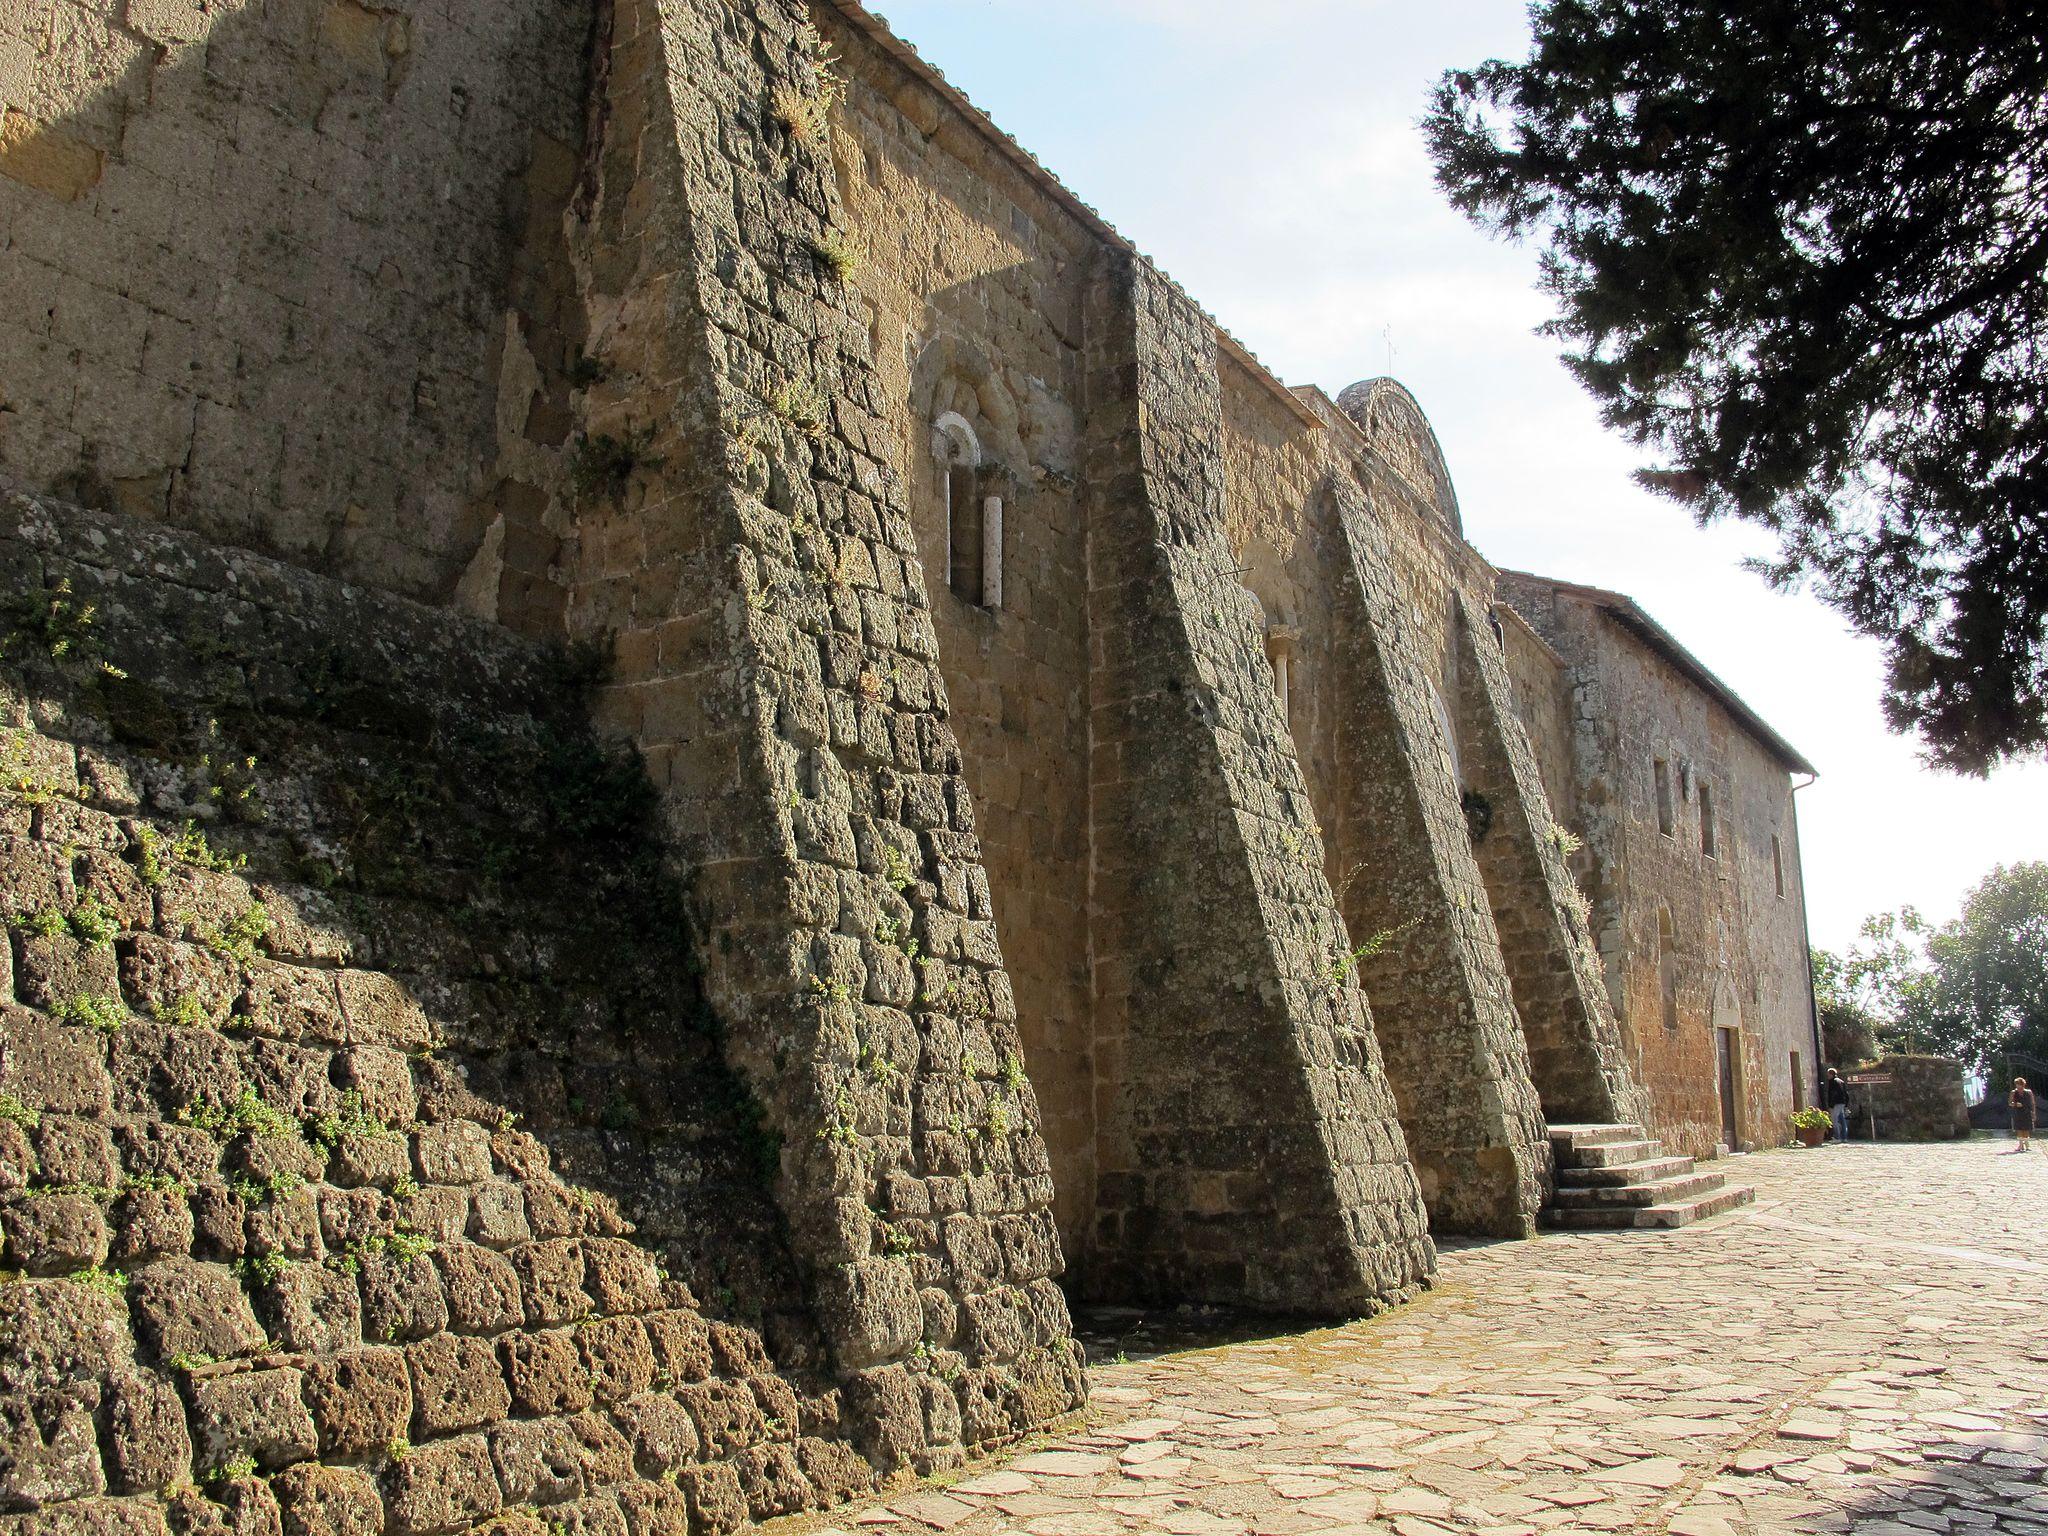 Duomo di sovana, ext., fianco 01